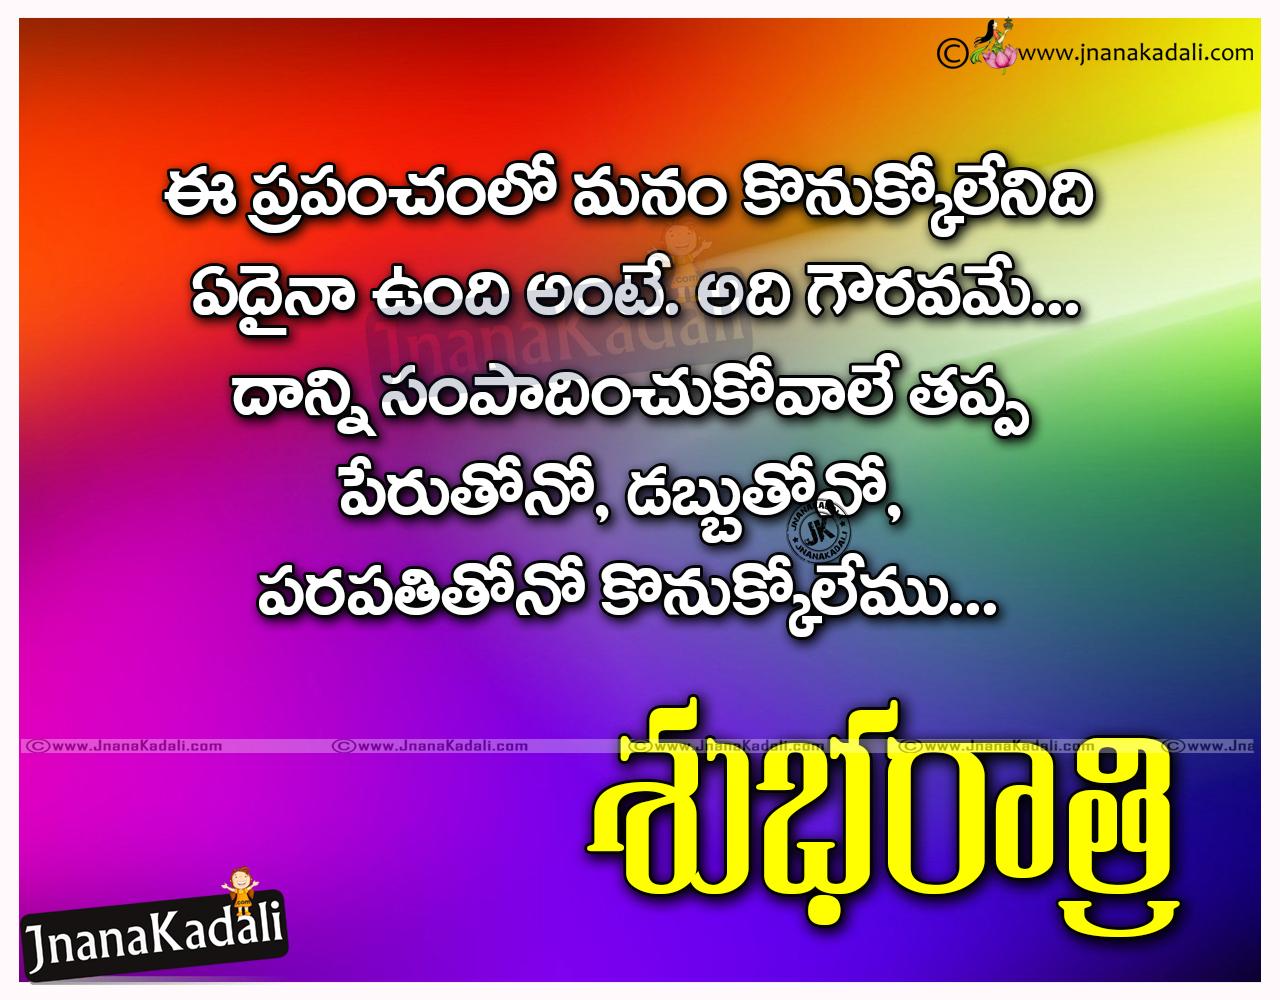 Telugu Good Night Best Inspiring Sayings Images Jnana Kadalicom